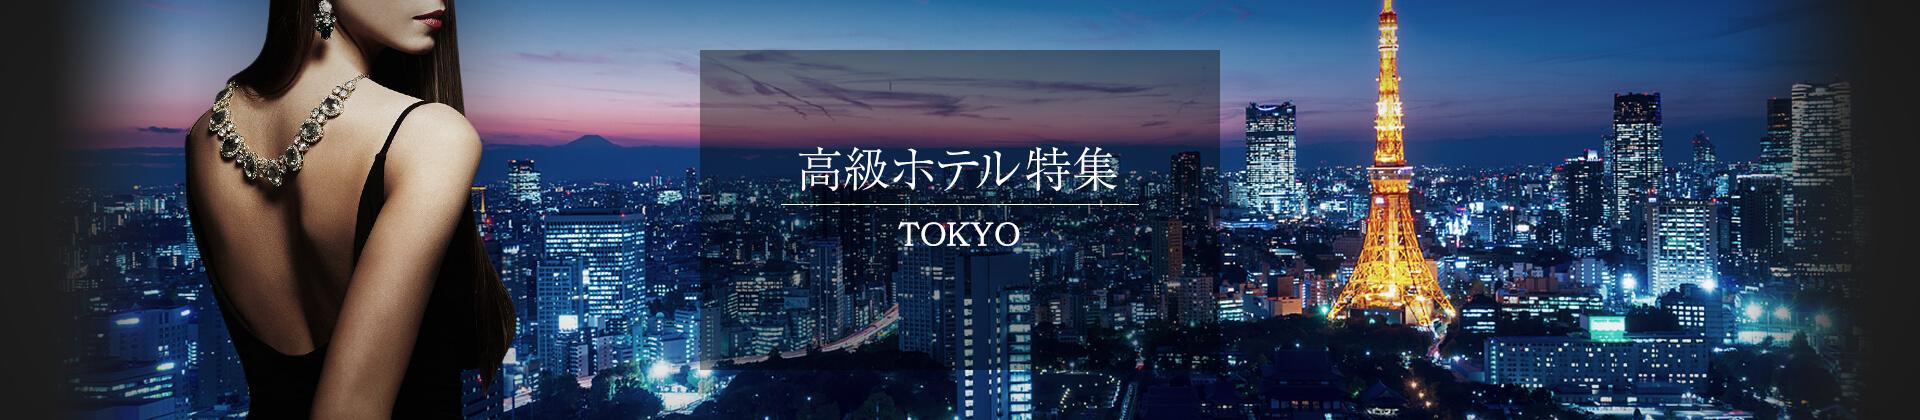 高級ホテル特集 (東京)